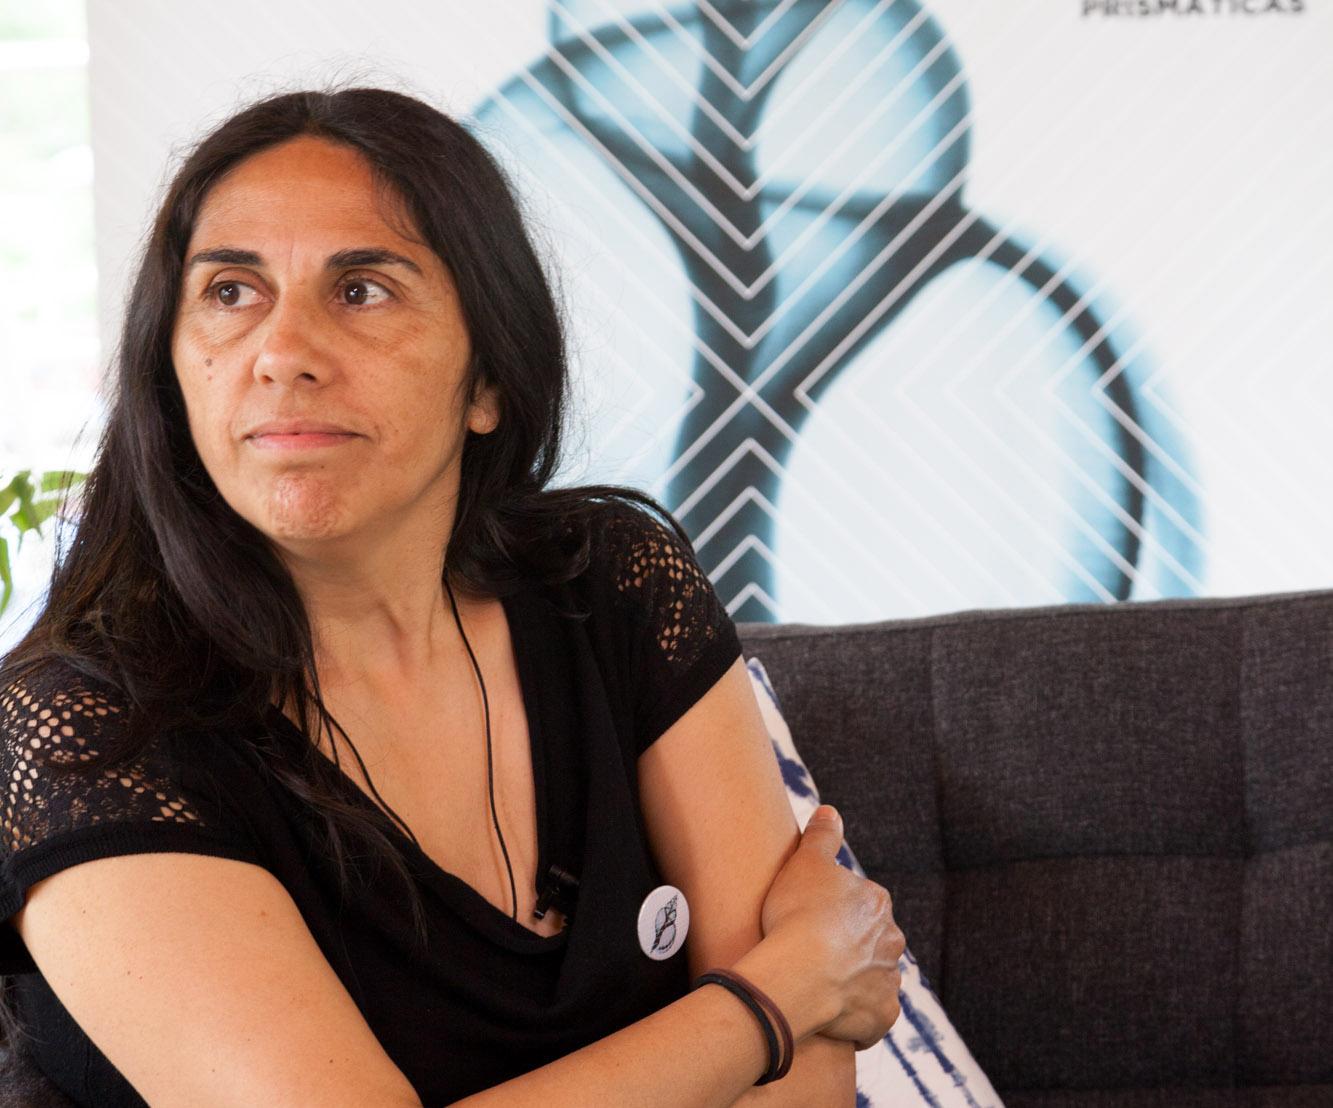 Jeannette Muñoz. An Infinite Process